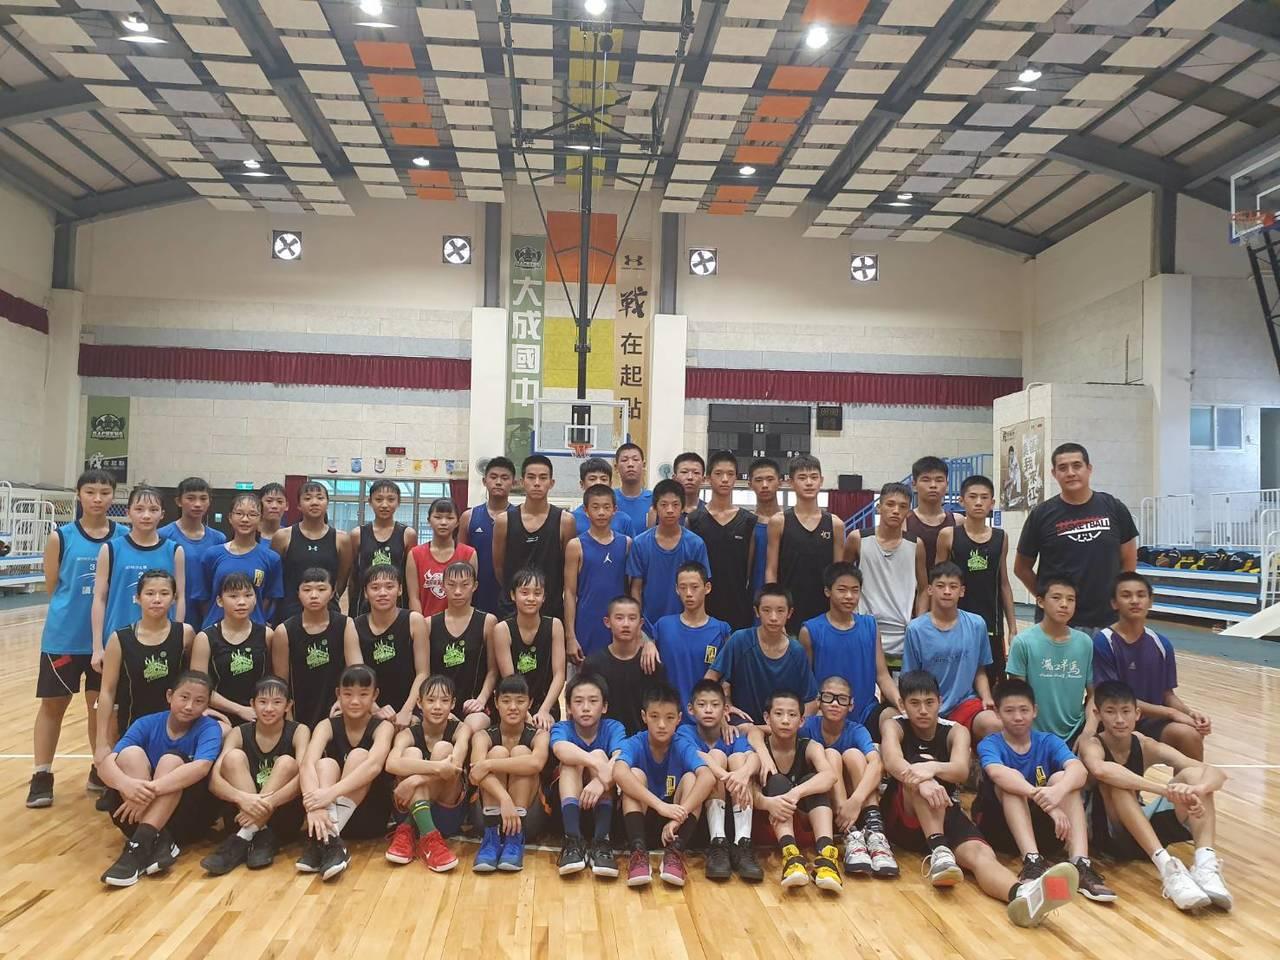 桃園市八德區大成國中12月底受邀出國參加籃球賽,不過由於非官方賽事不予補助,不少...